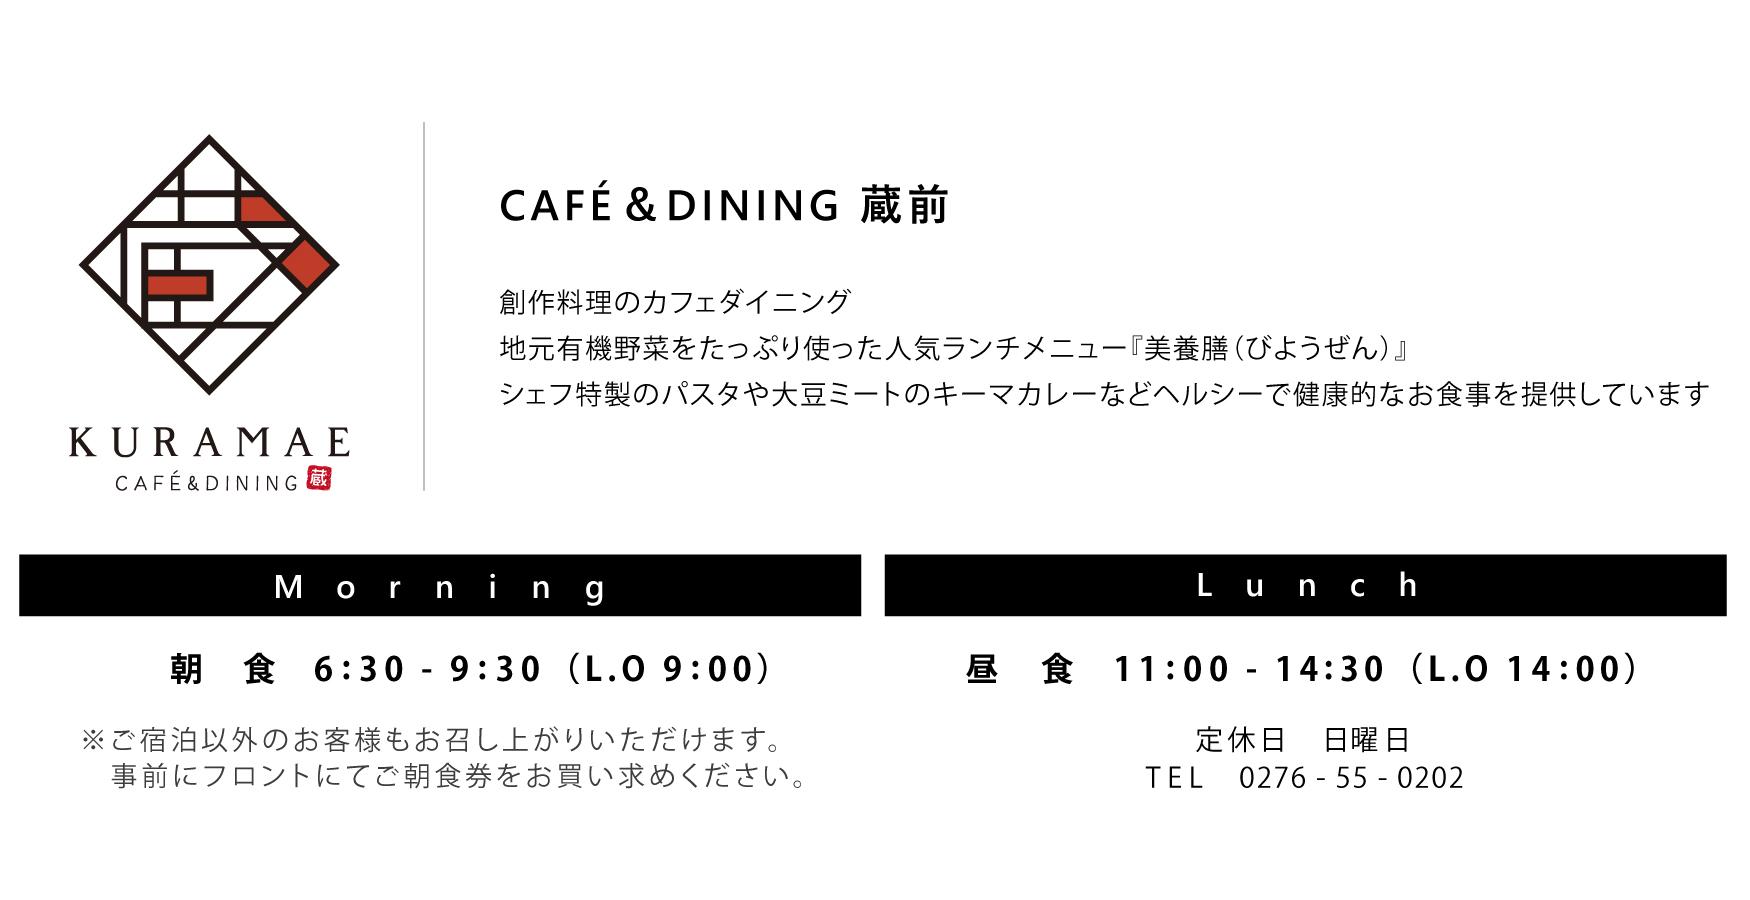 CAFE&DINING 蔵前 について